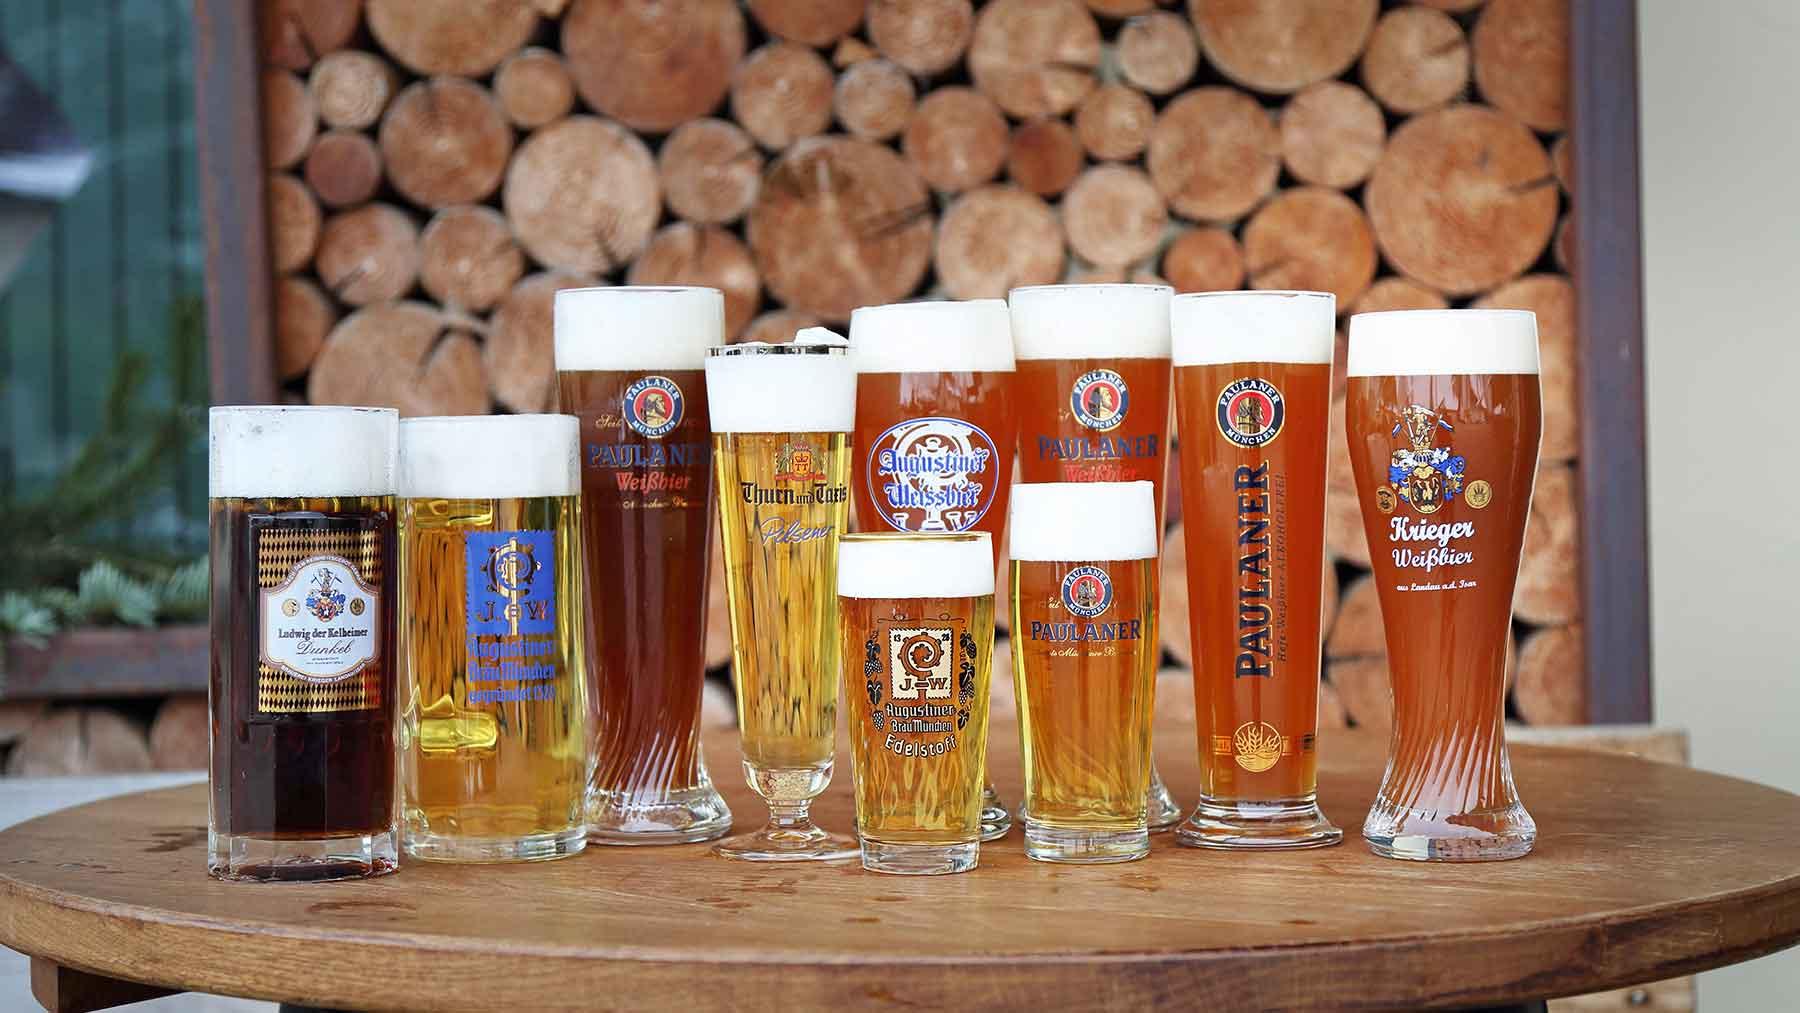 Regionale Bierspezialitäten